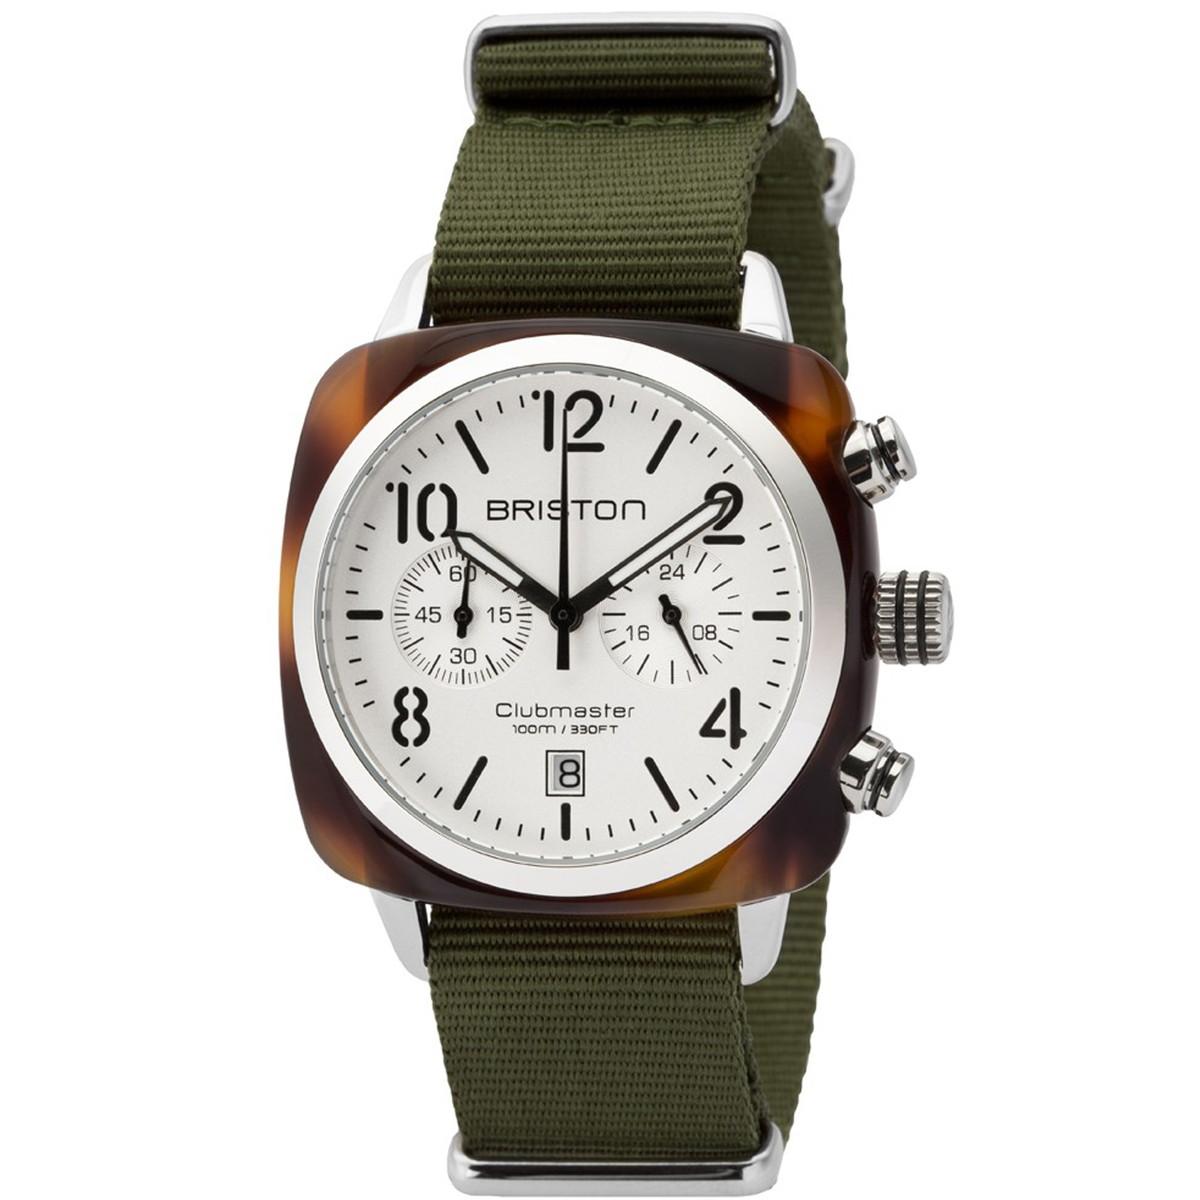 ブリストン BRISTON 公式通販 CLUBMASTER CLASSIC CHRONOGRAPH TORTOISE WATCH / 腕時計